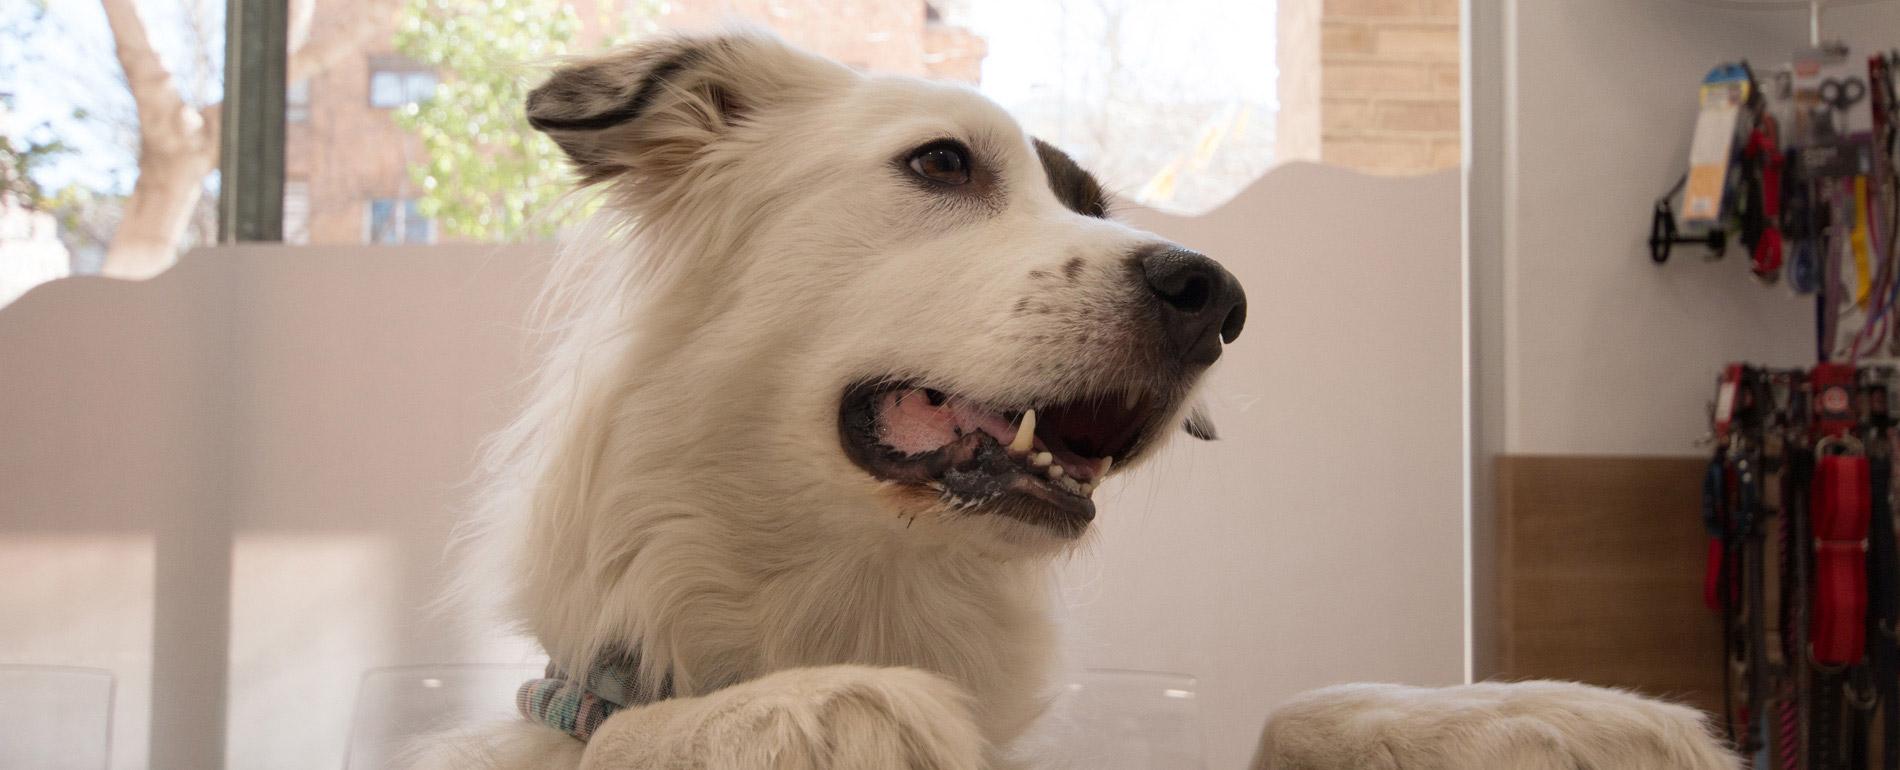 Plan geriátrico perros